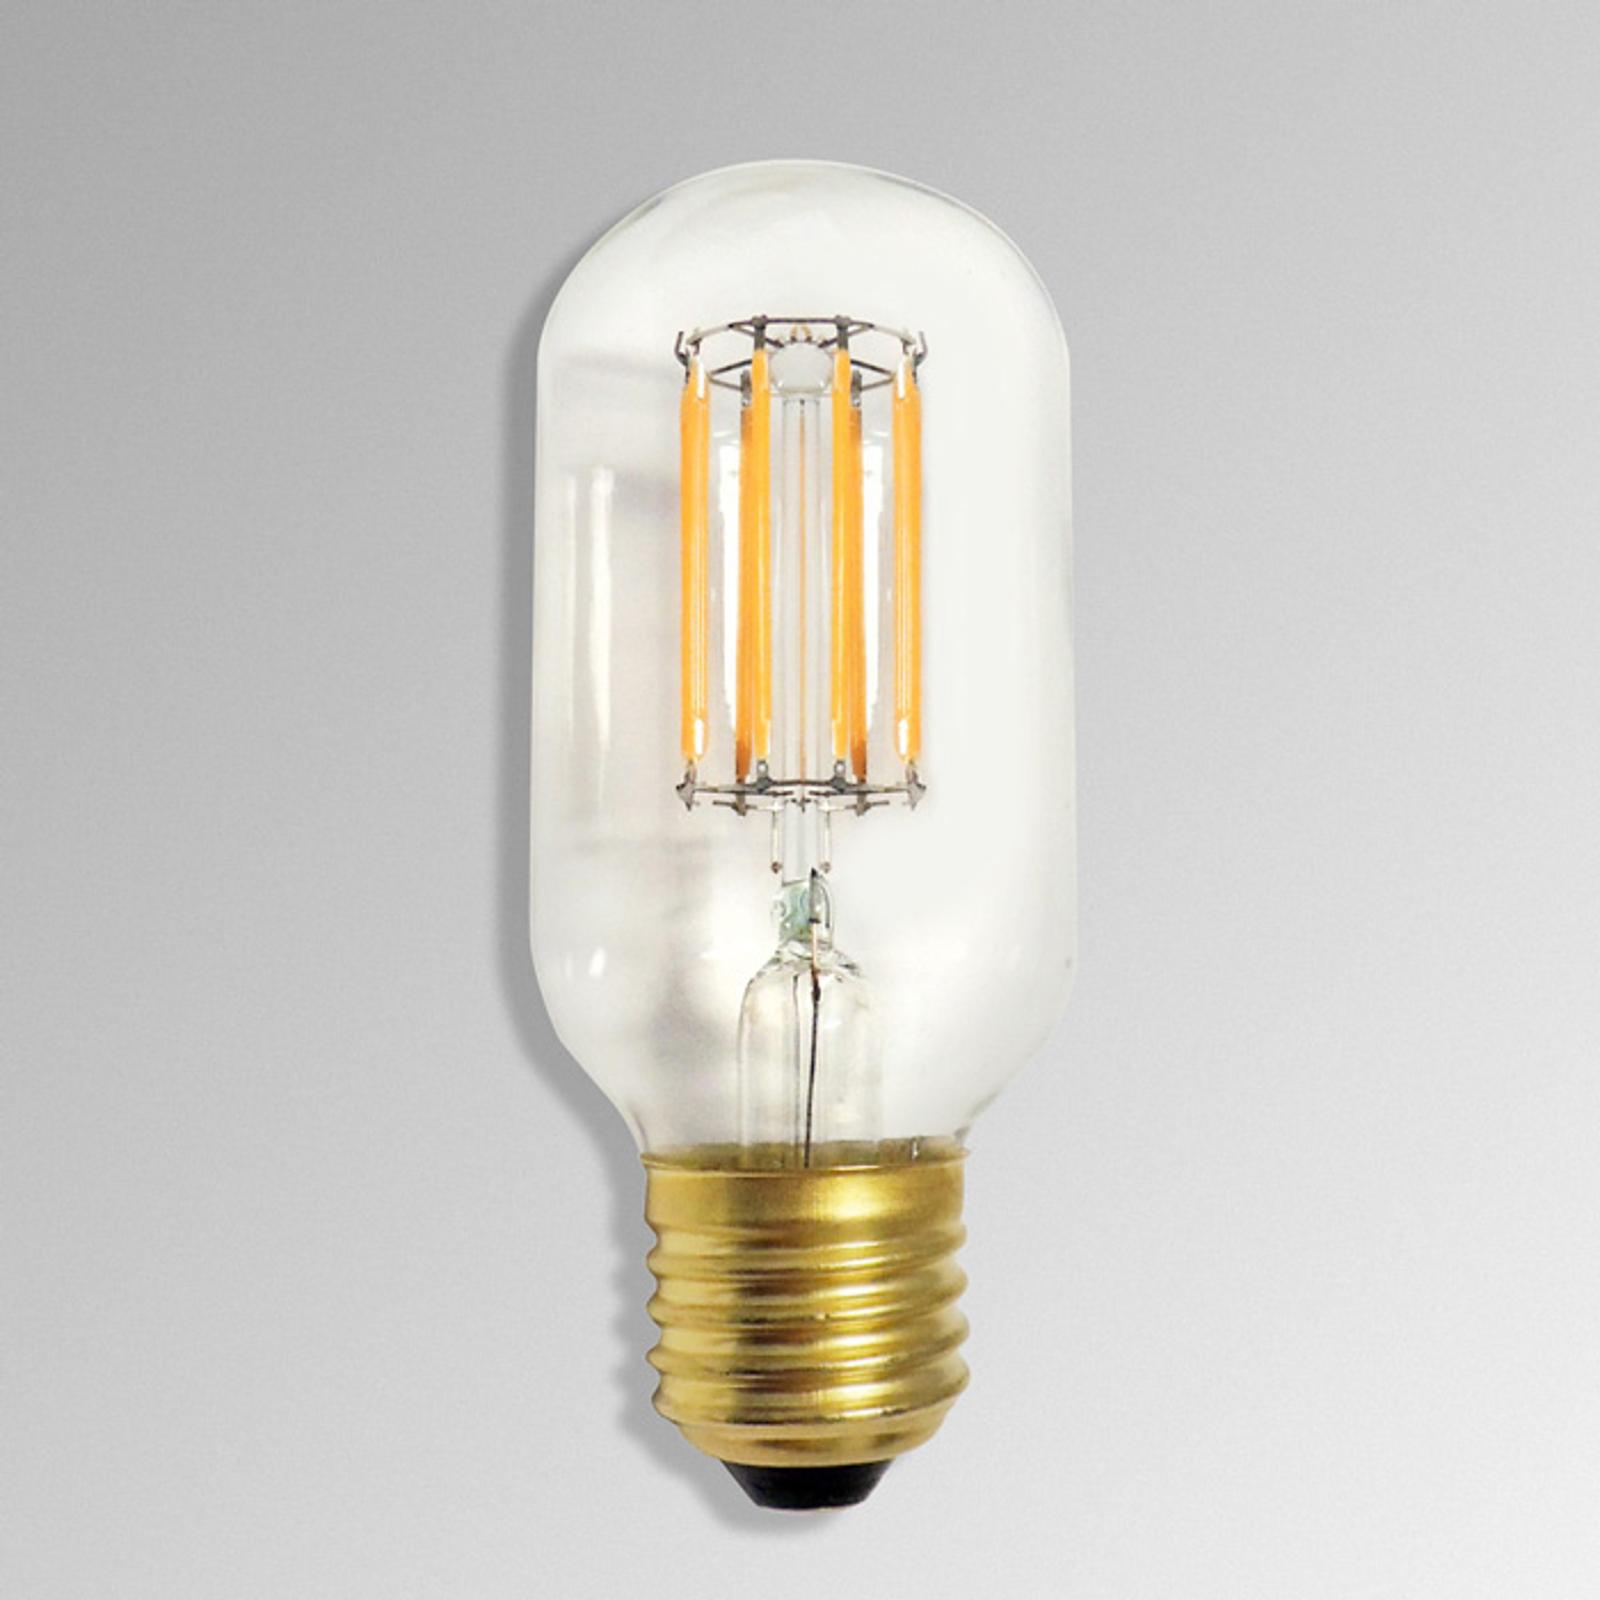 E27 4,7 W 922 LED-rørpære med glødetråder